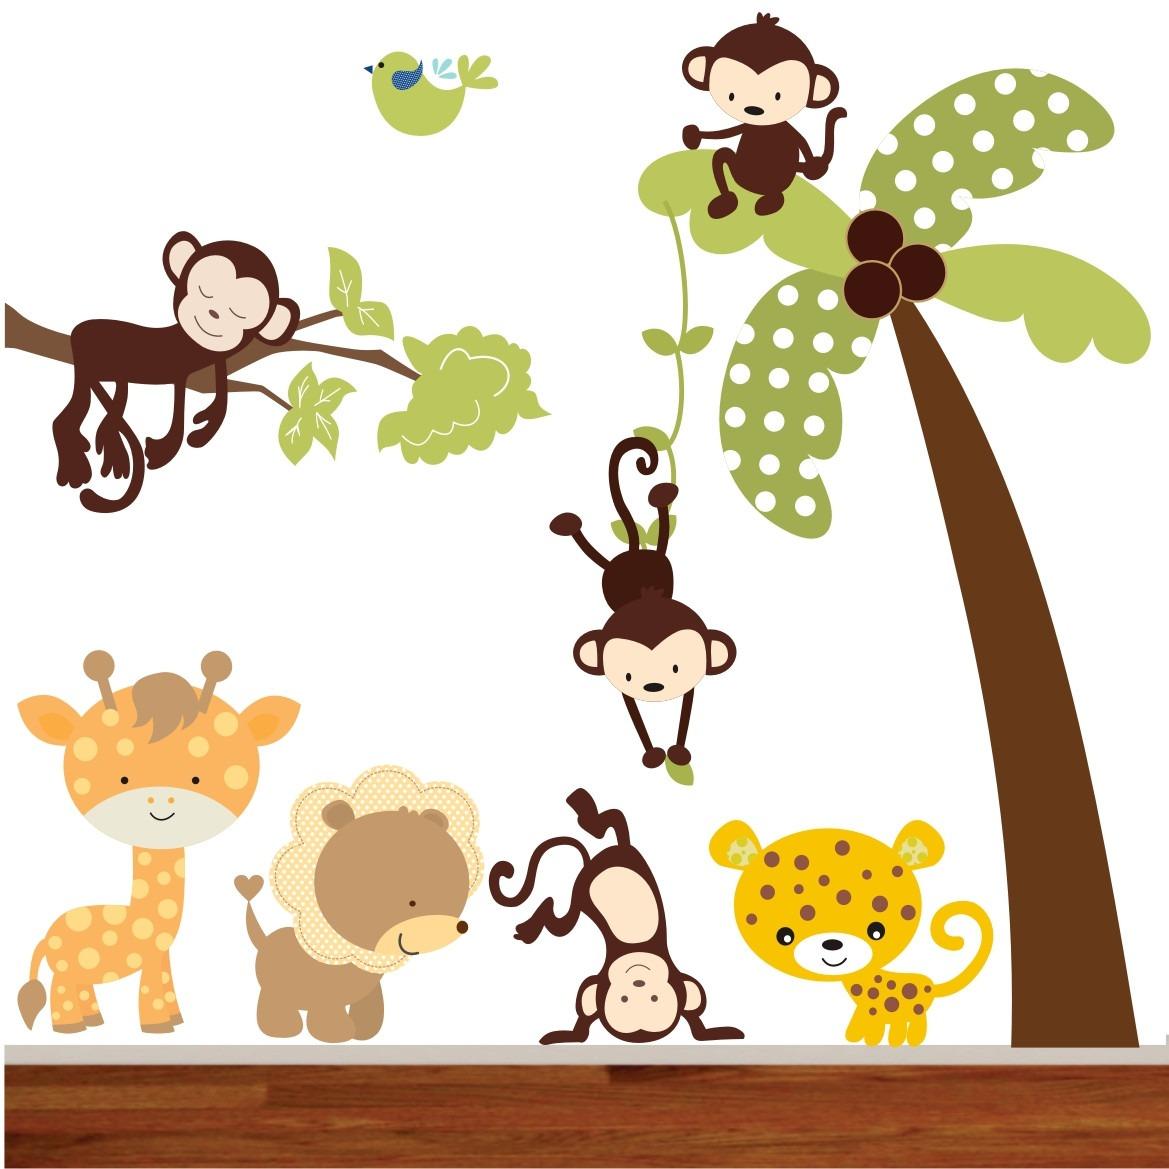 Adesivo Decoração Parede Quarto Infantil Zoo Animais Lindo  R$ 148,00 em M